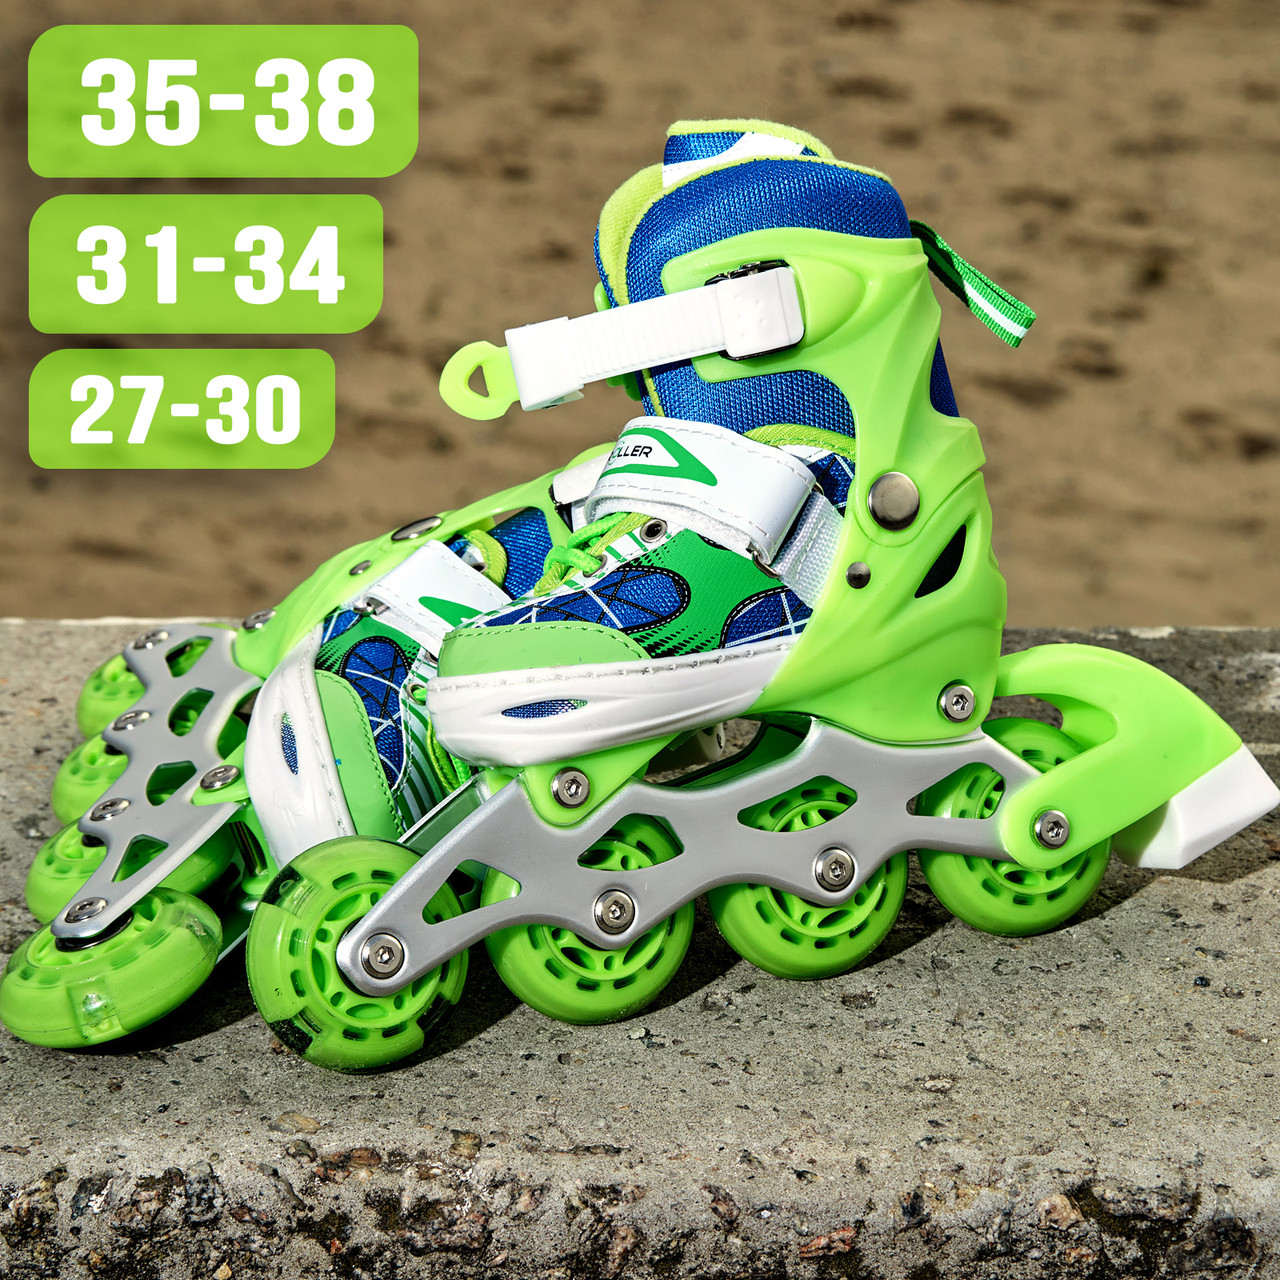 Дитячі ролики розсувні ROLLER SPORT 2574 (27-30) Зелені , колеса 70мм (31-34; 35-38)